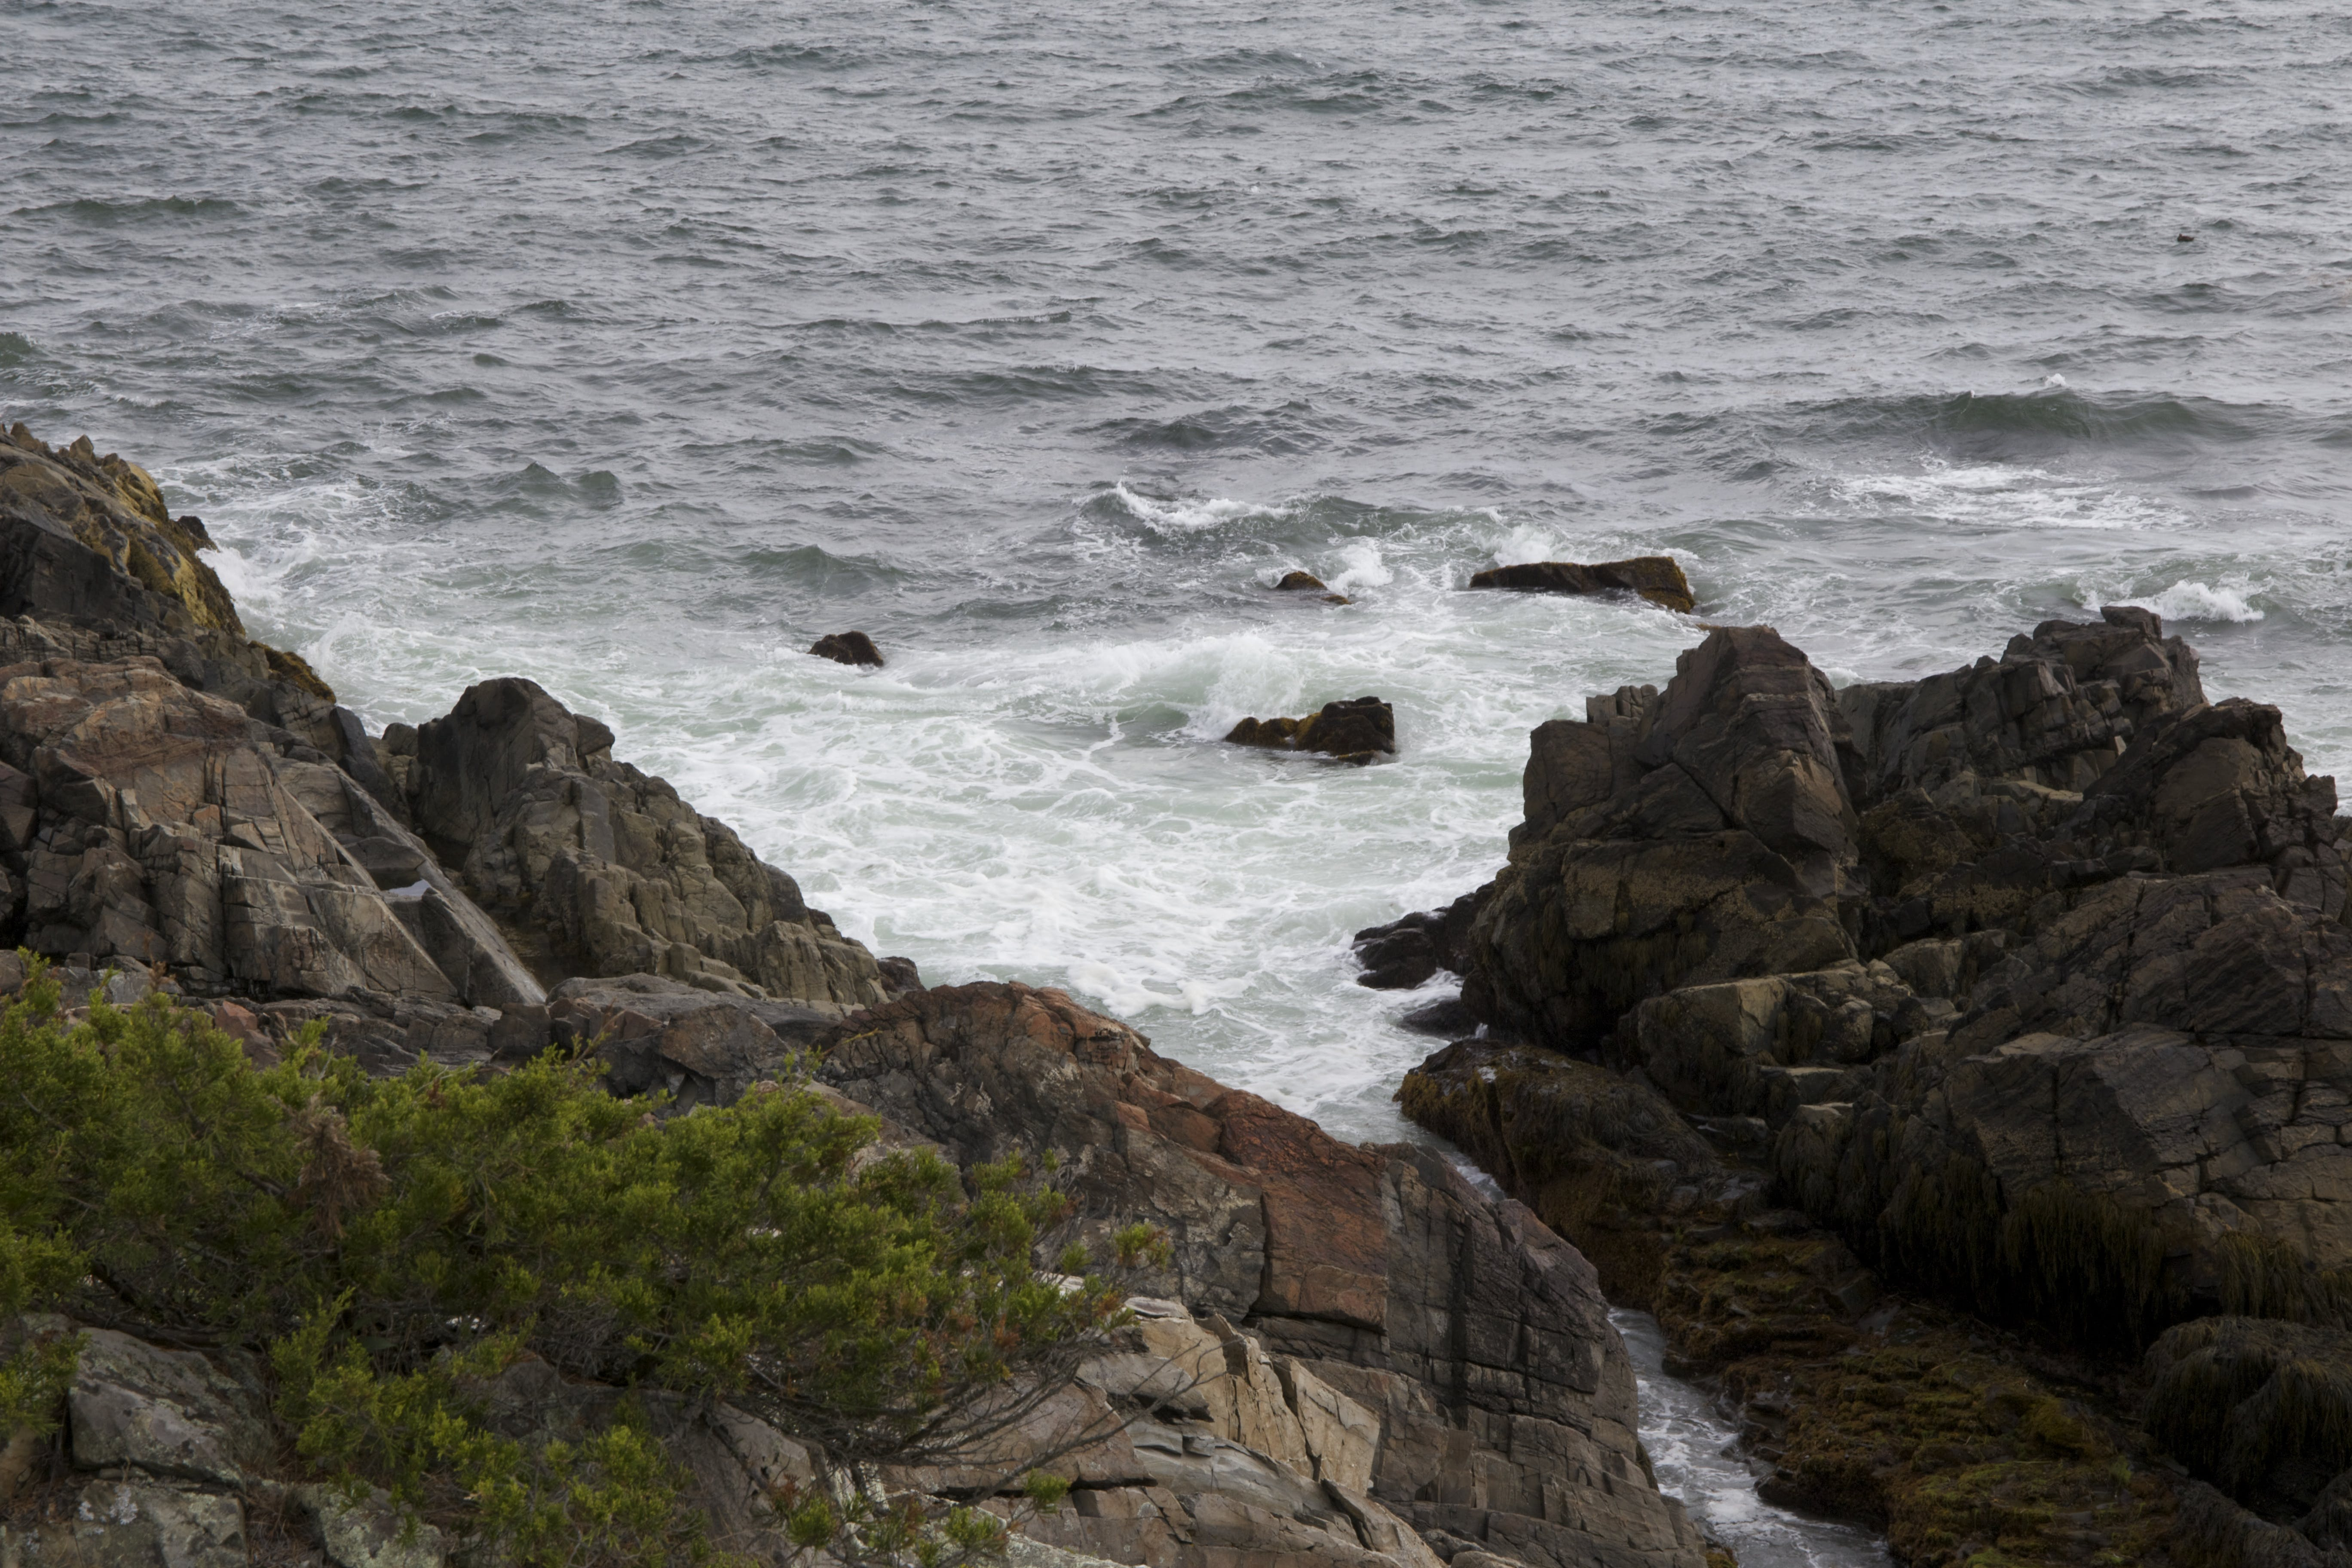 ハイアングルショット, 岩, 岩山, 岩石層の無料の写真素材